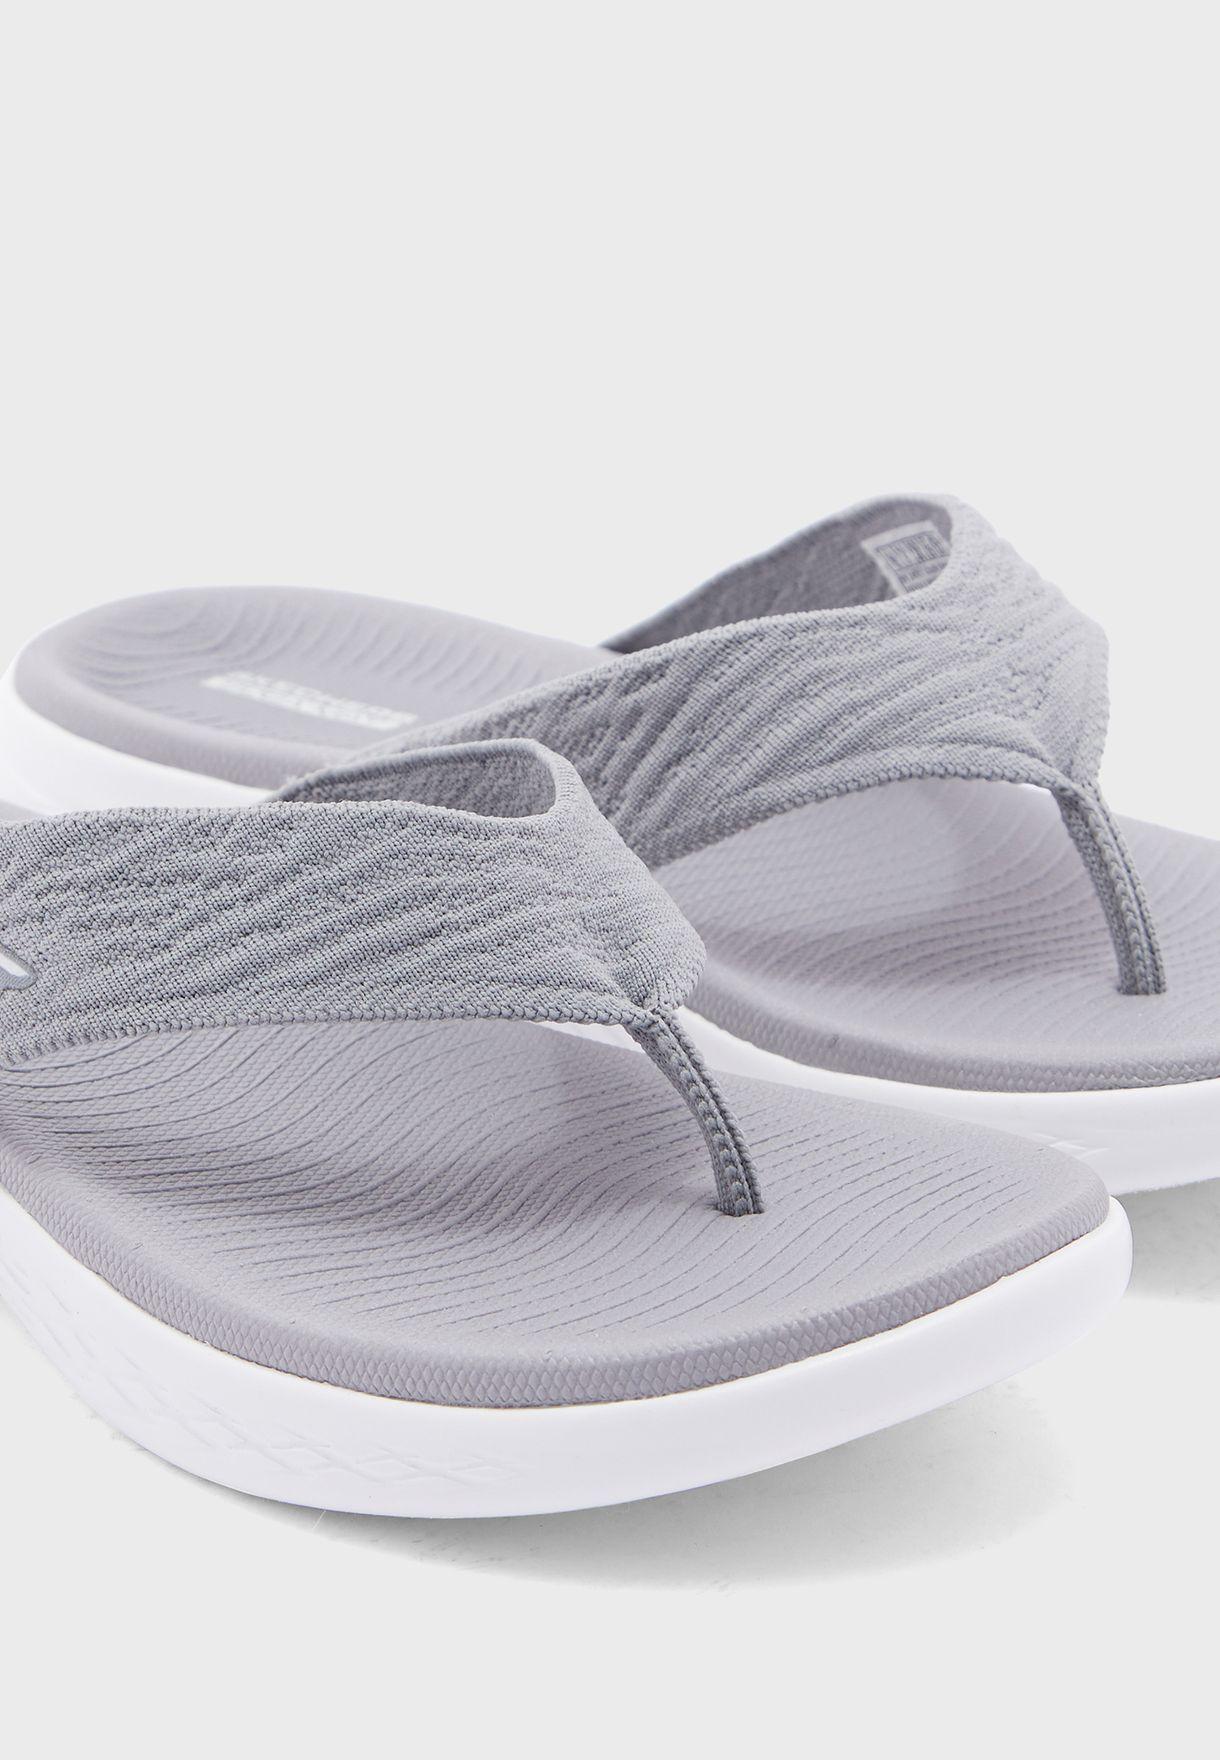 حذاء اون ذا غو 600 - صوني